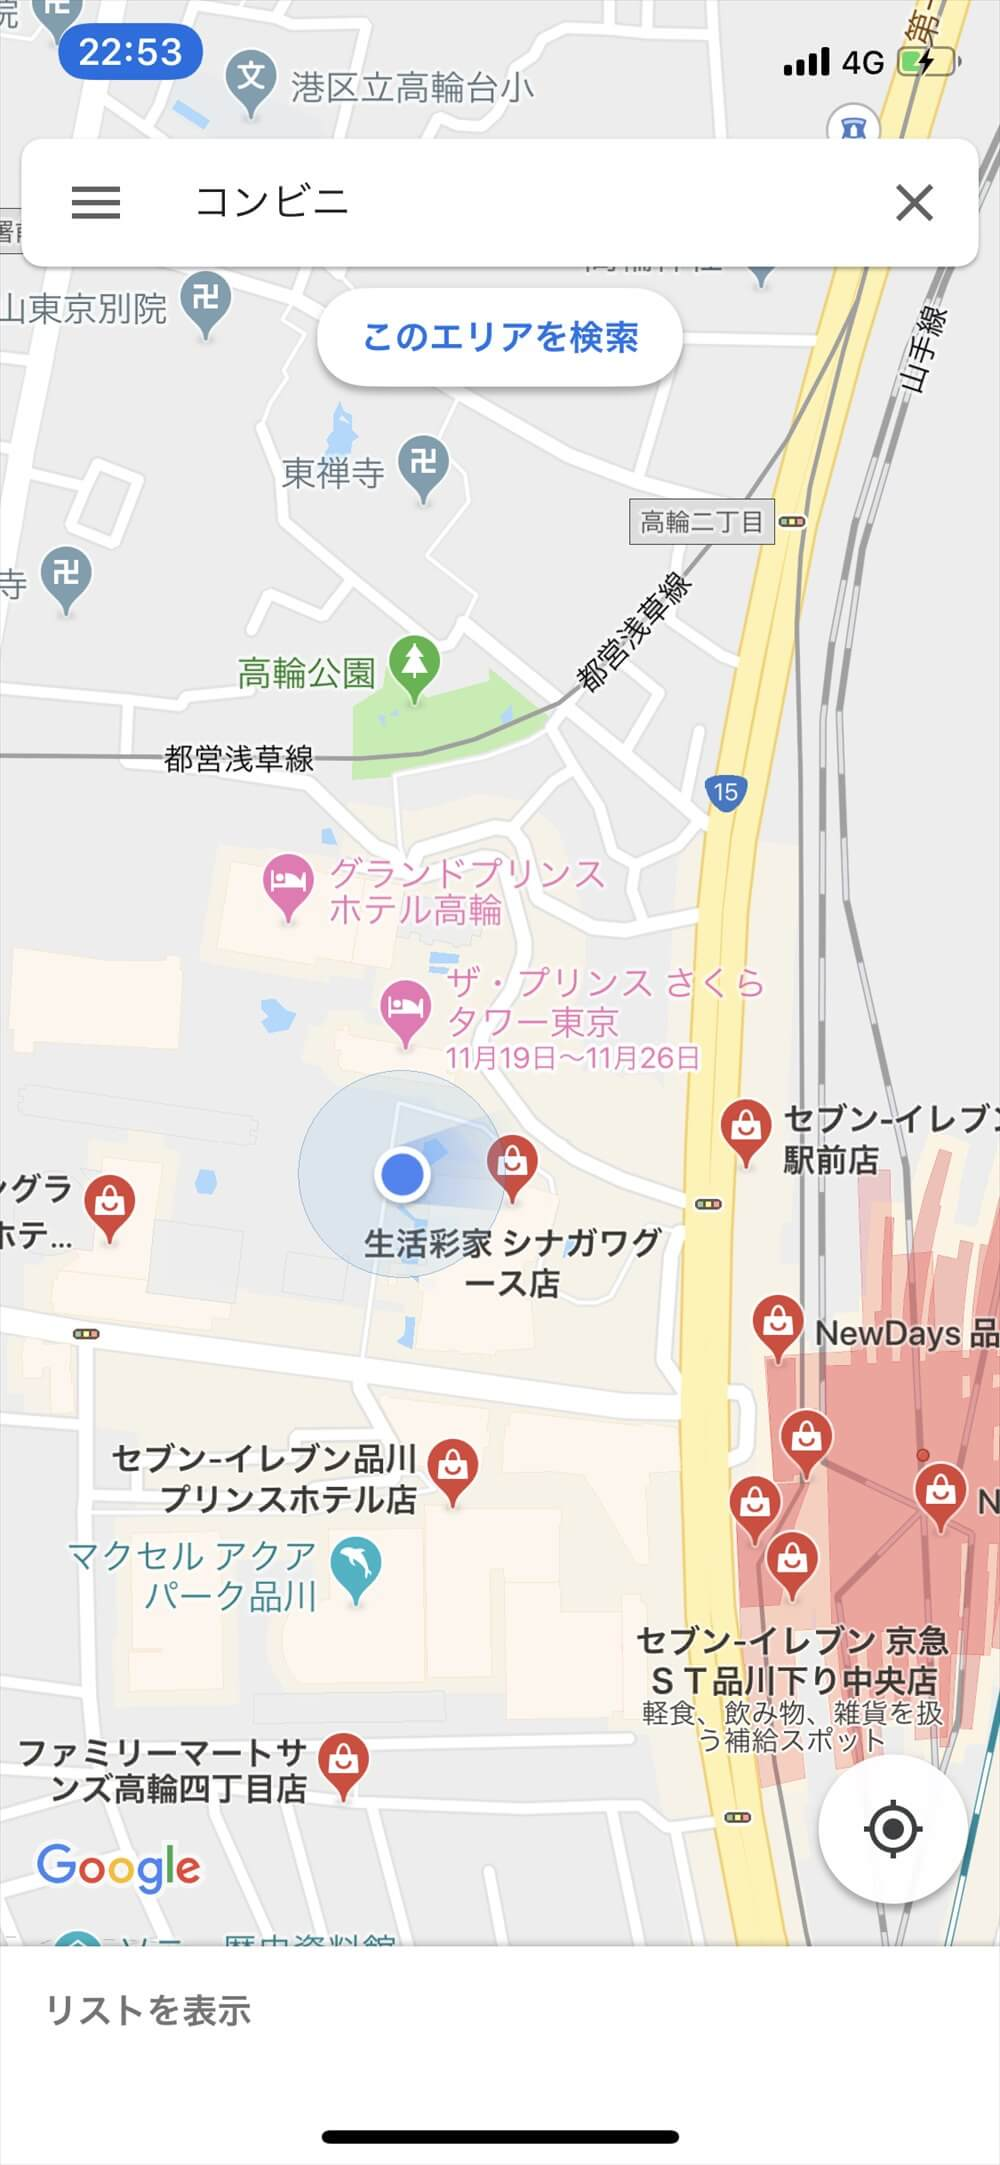 ザ・プリンス さくらタワー東京から近いコンビニ